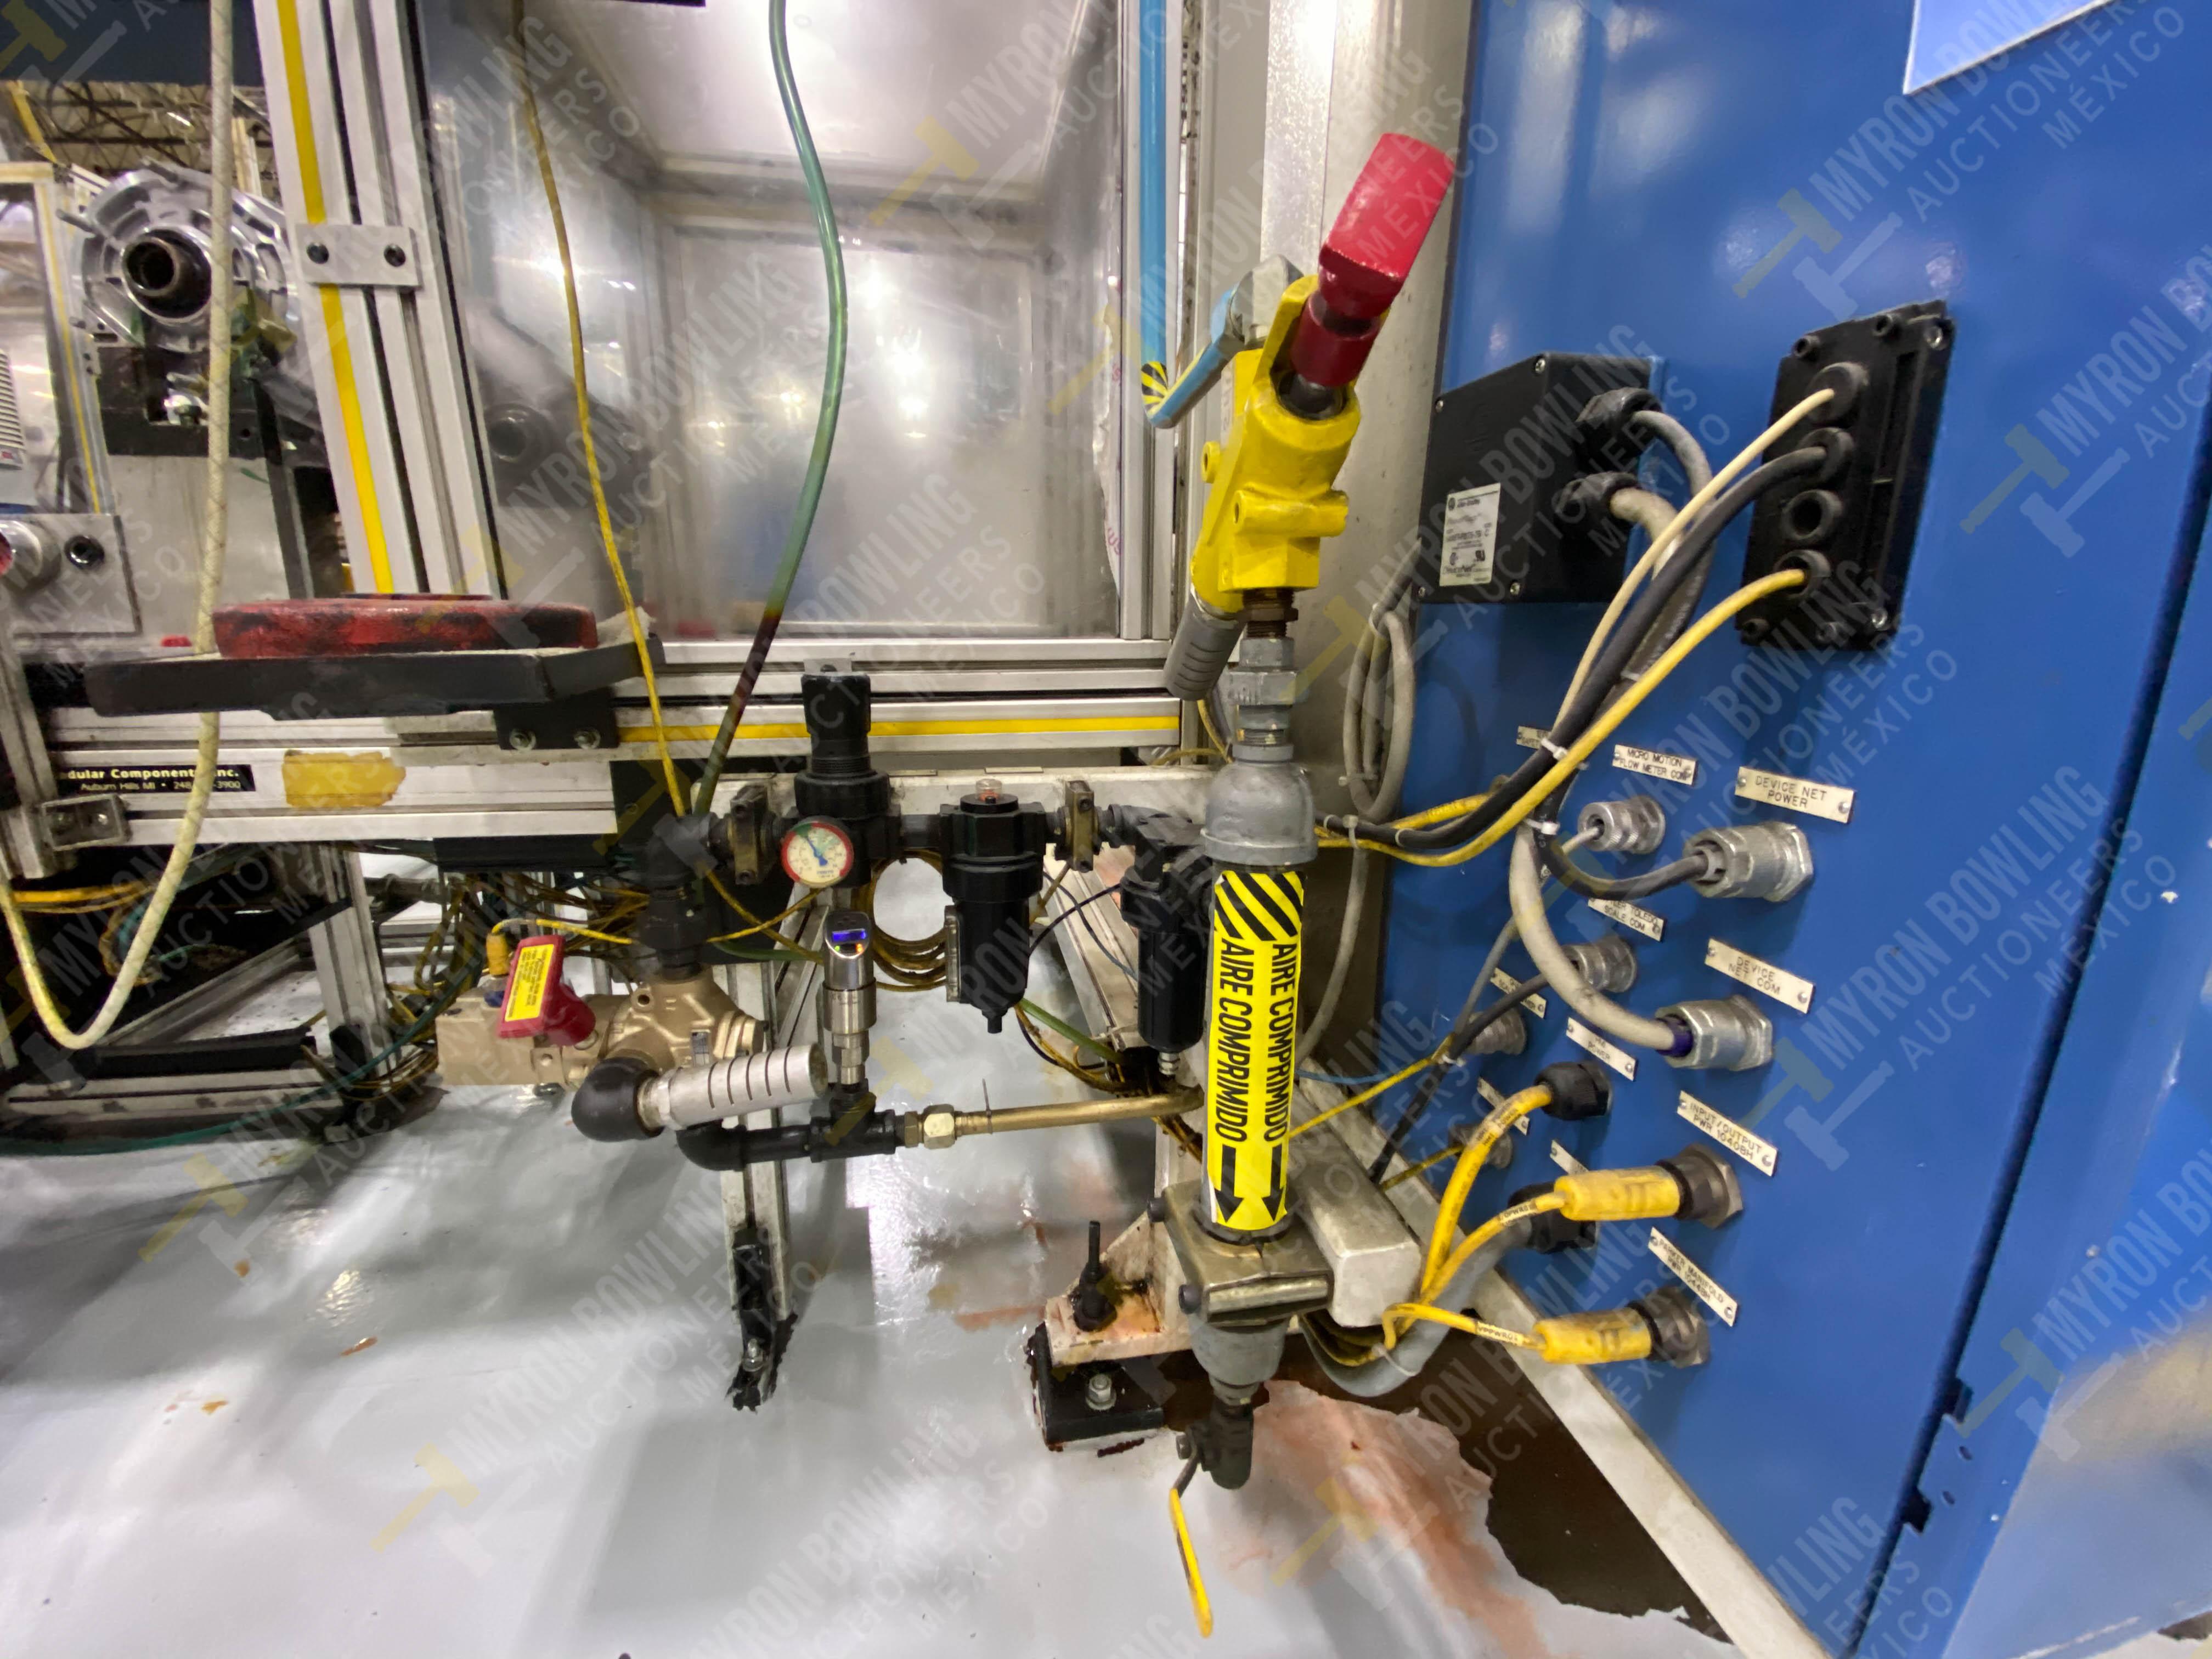 Estación semiautomática para operación 416, contiene: Sistema de llenado de aceite - Image 17 of 20